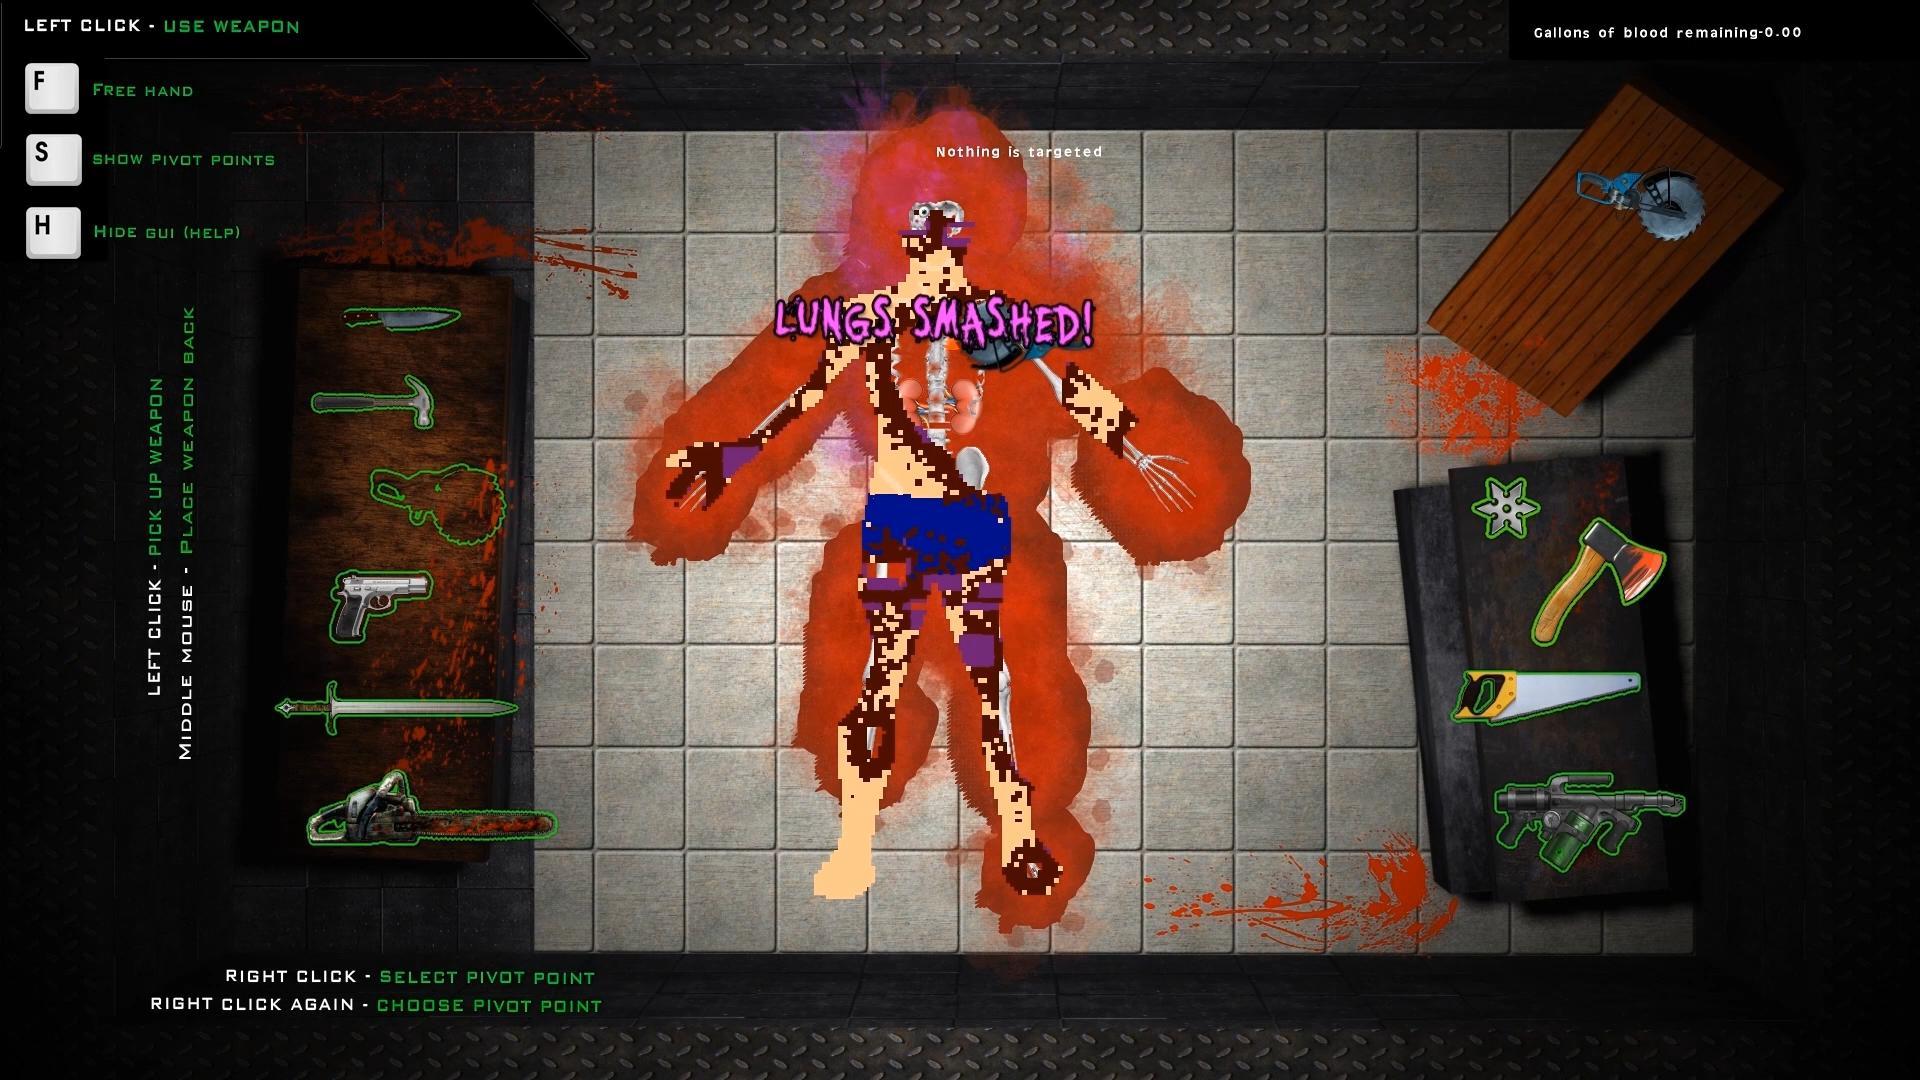 Play free torture games 2 sega genesis 60 built in games